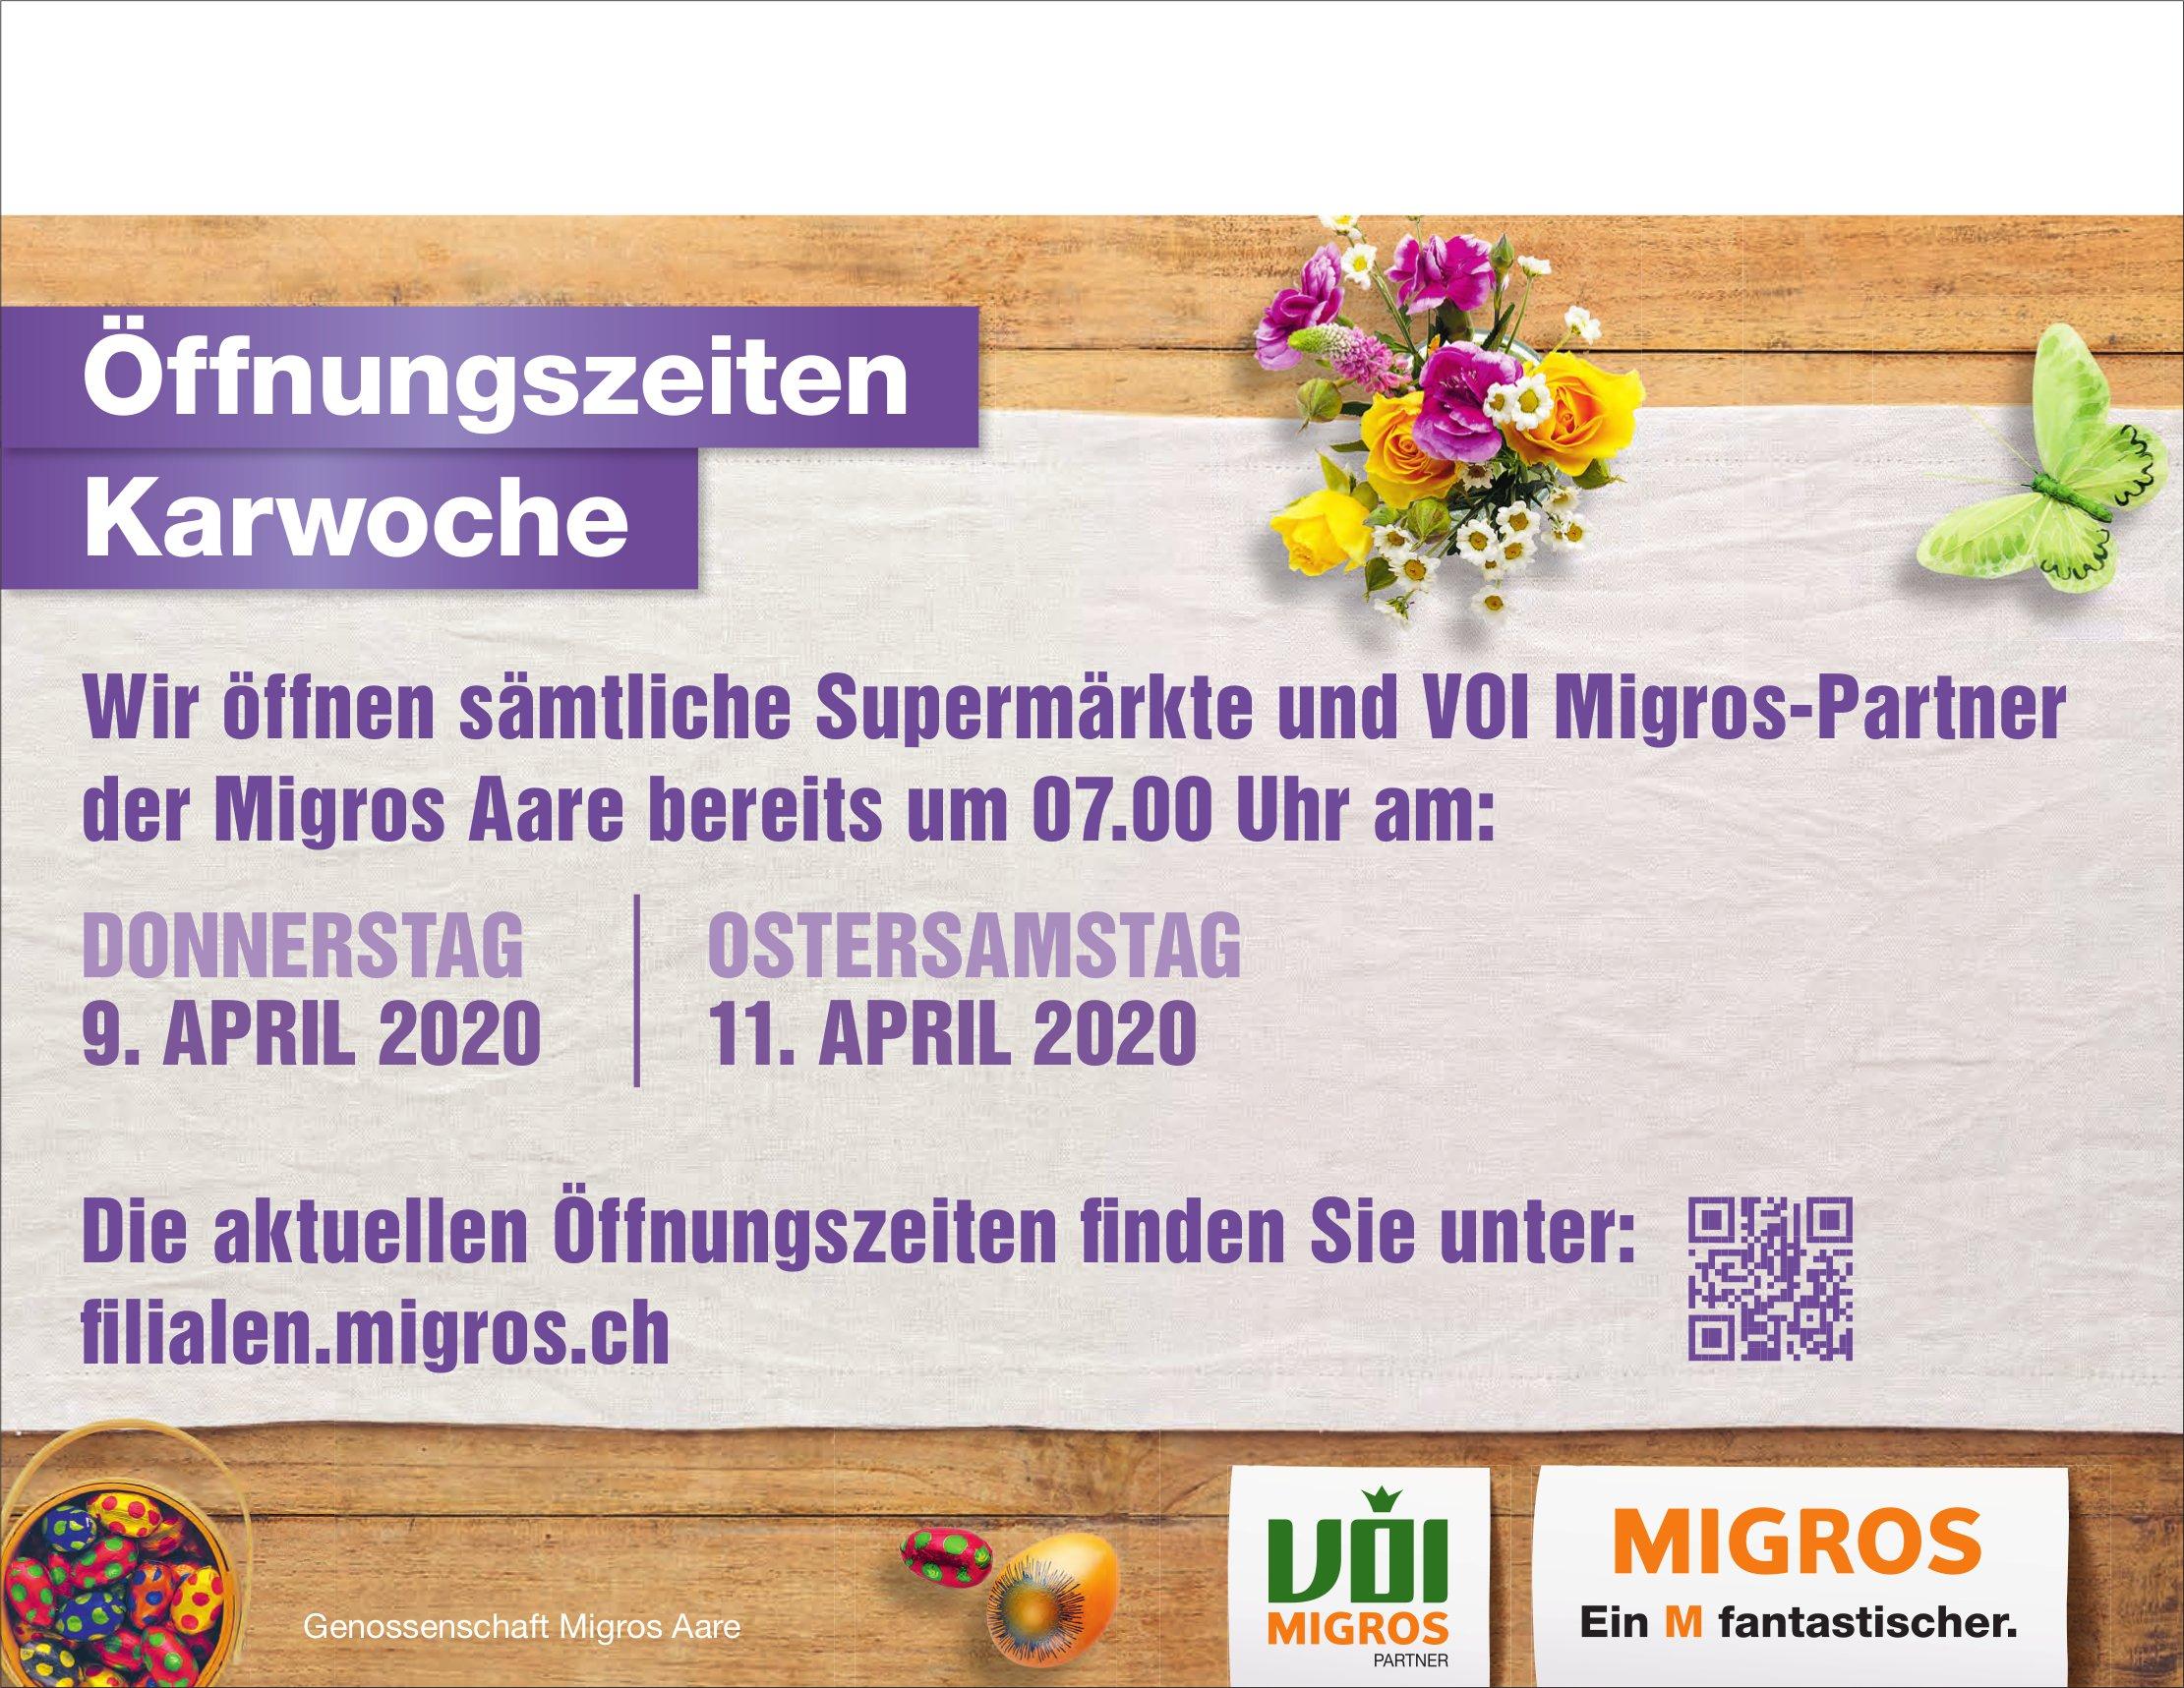 Genossenschaft Migros Aare - Öffnungszeiten Karwoche